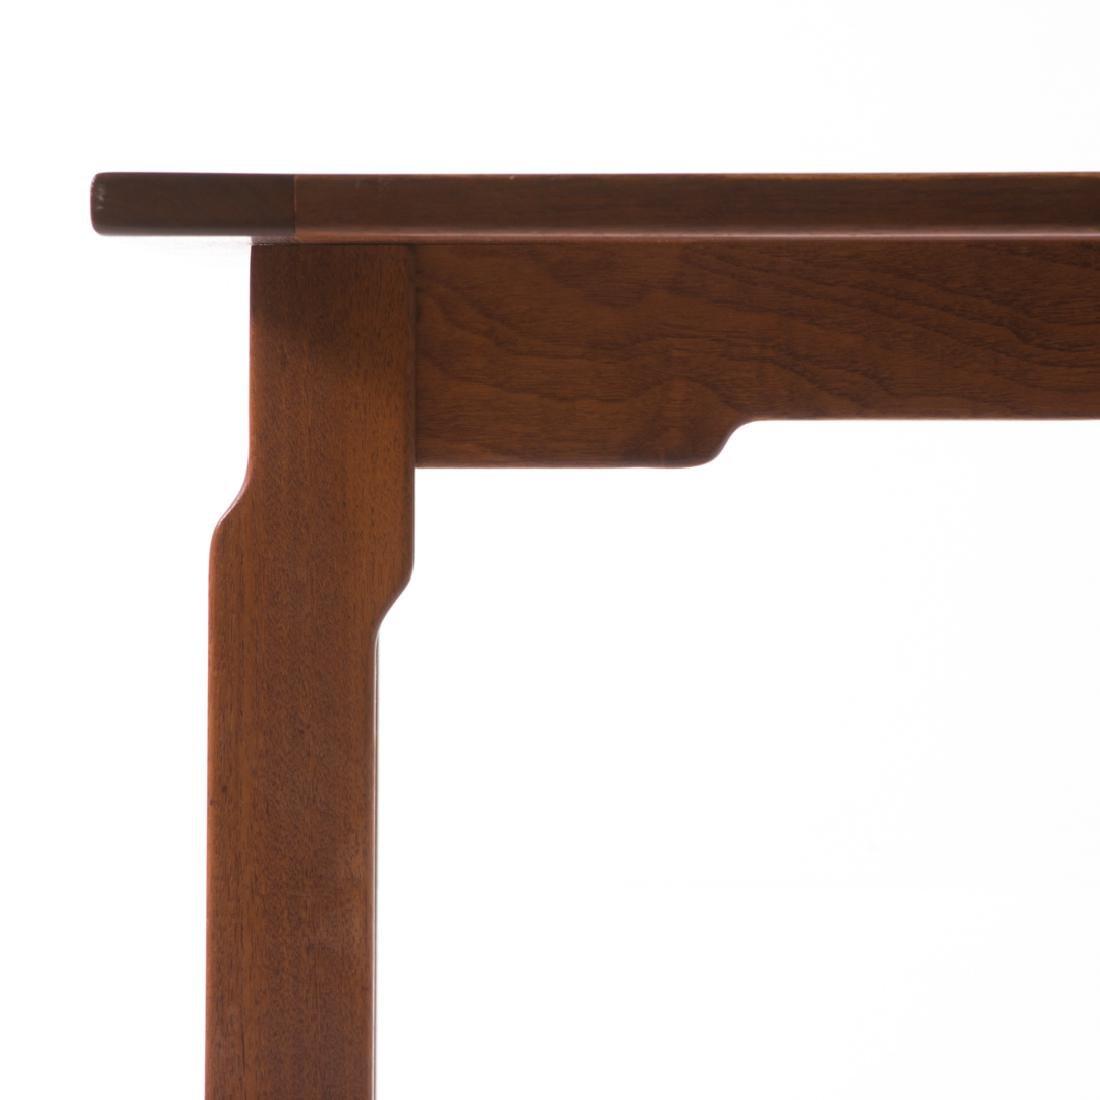 Dunbar contemporary walnut dining table - 2